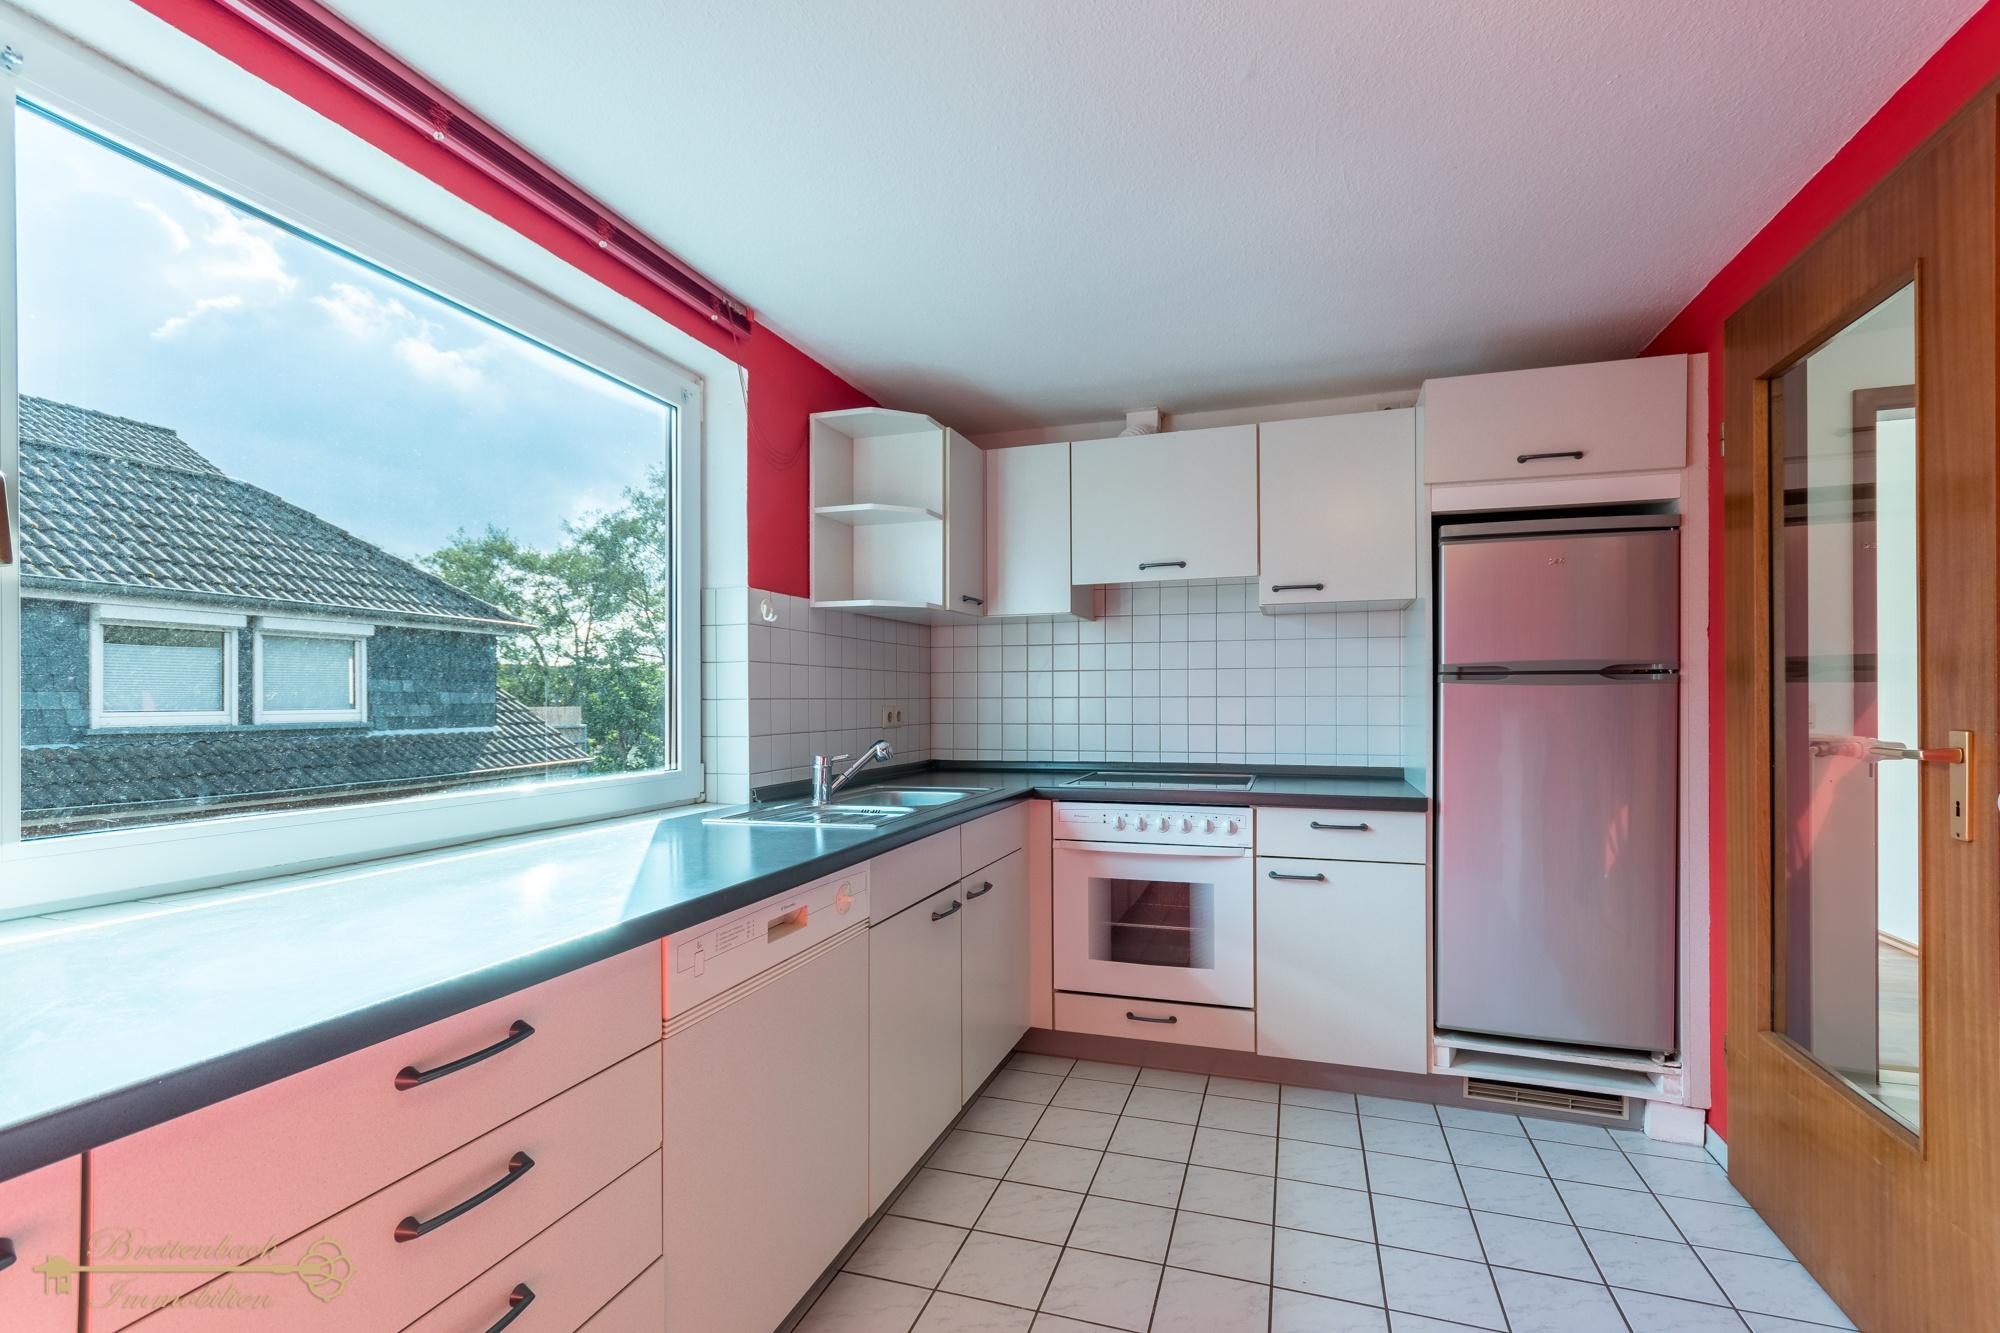 2020-10-07-Breitenbach-Immobilien-6